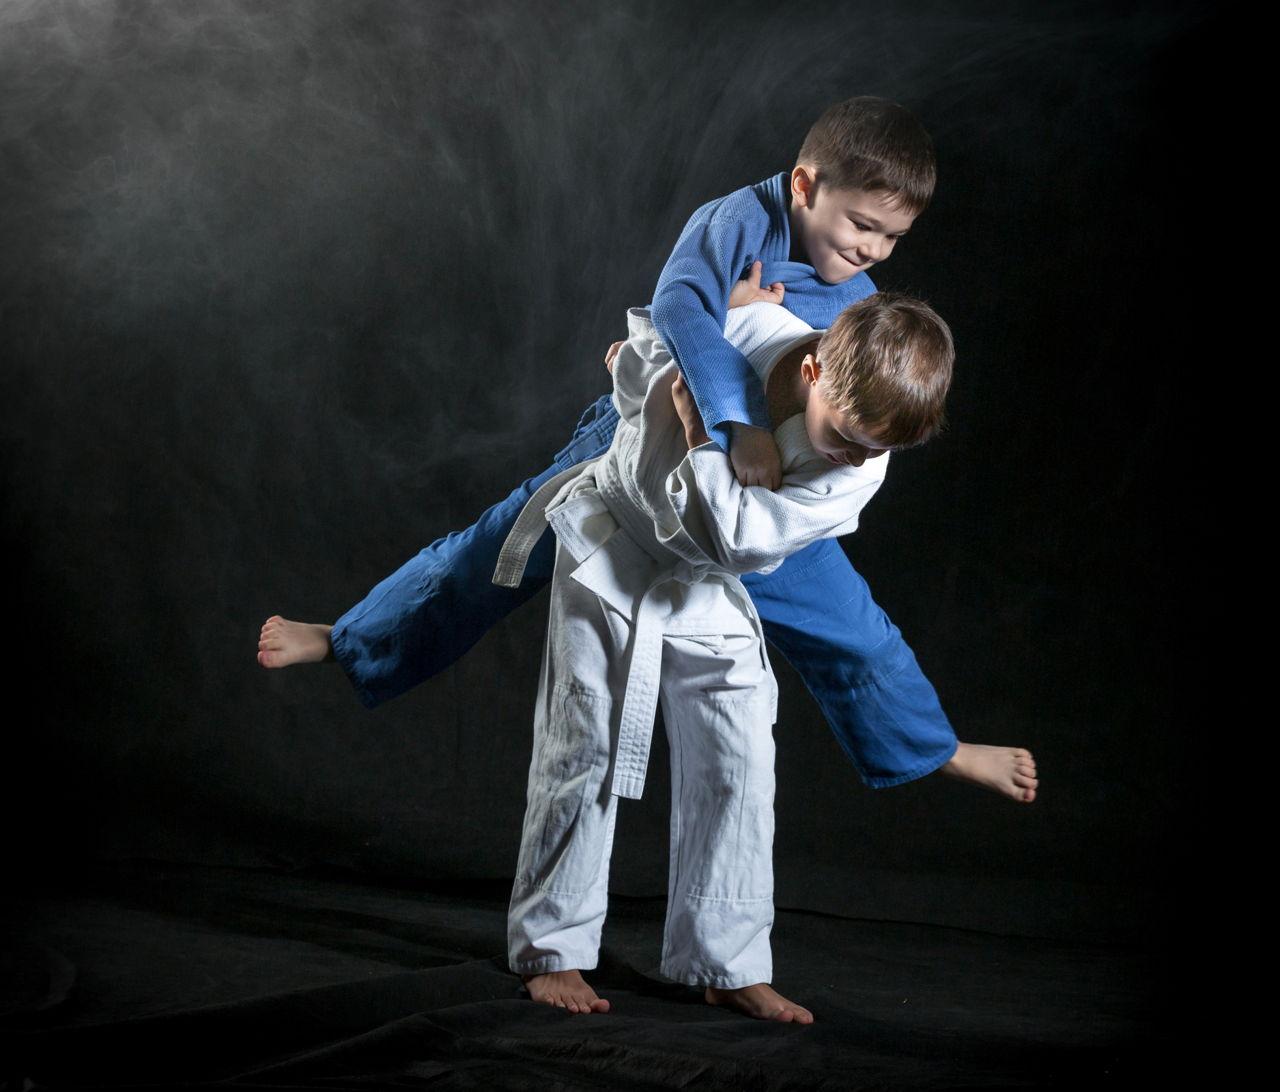 Resultado de imagen para imagen de luchador de karate brasileño